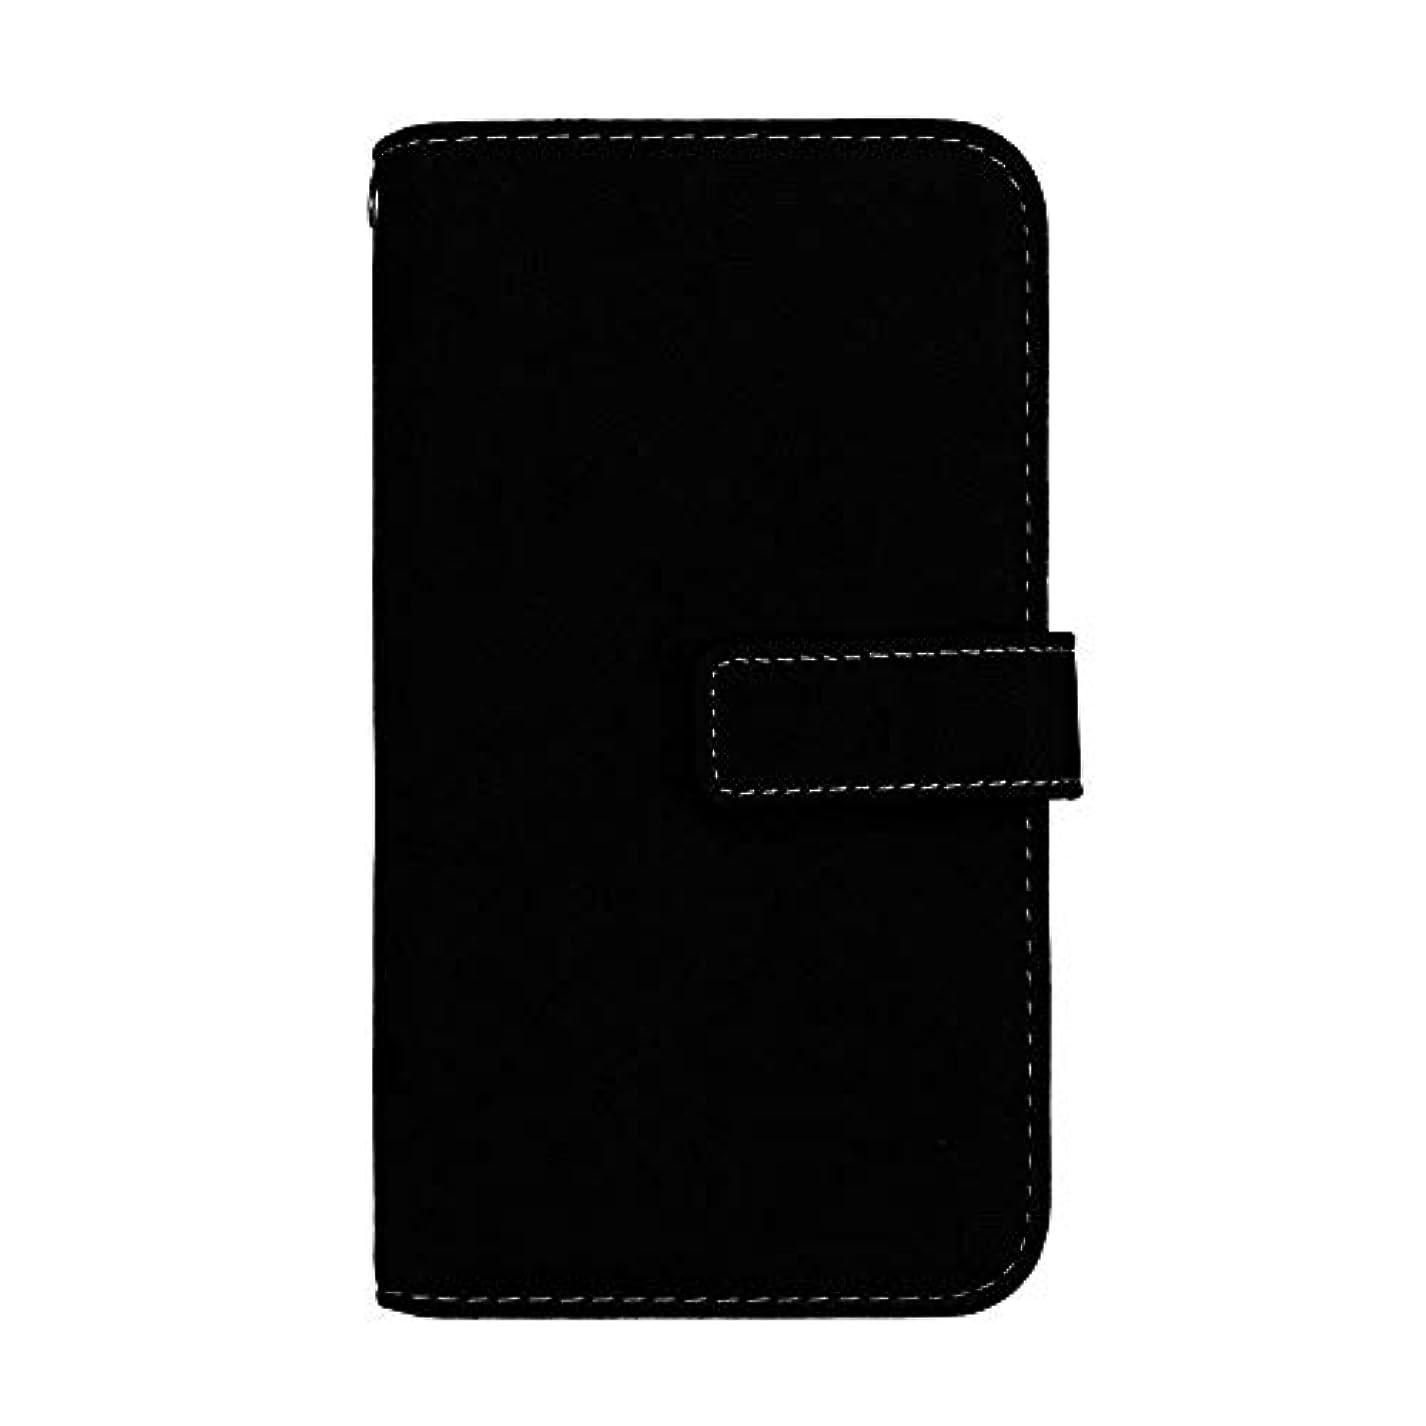 カート尋ねる喜びGalaxy J2 Pro 2018 高品質 マグネット ケース, CUNUS 携帯電話 ケース 軽量 柔軟 高品質 耐摩擦 カード収納 カバー Samsung Galaxy J2 Pro 2018 用, ブラック